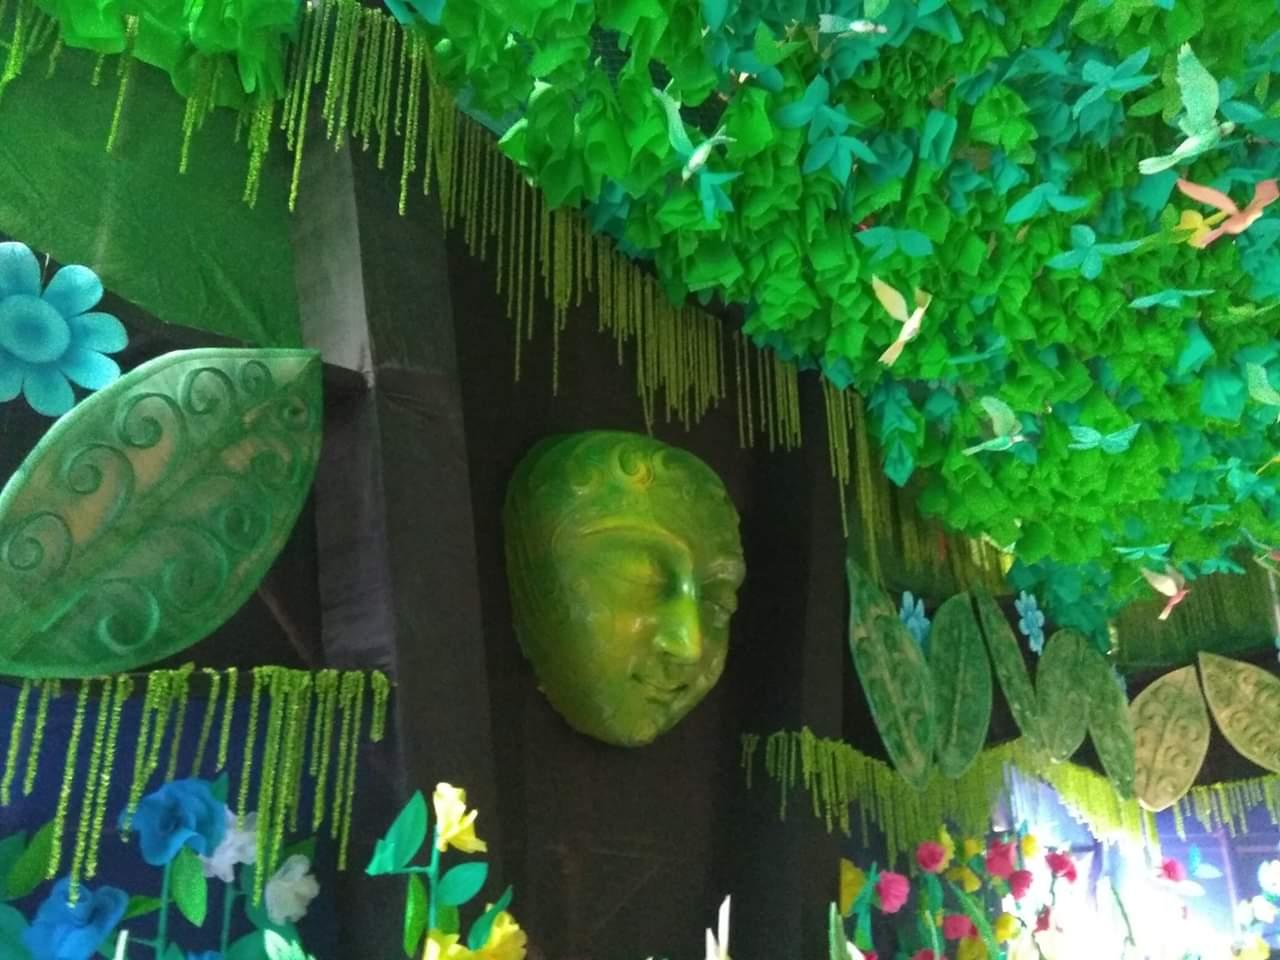 প্লাস্টিক দূষণ থেকে সবুজায়নের বার্তা দিচ্ছে গিধনী পূর্বাশার পুজো কমিটির